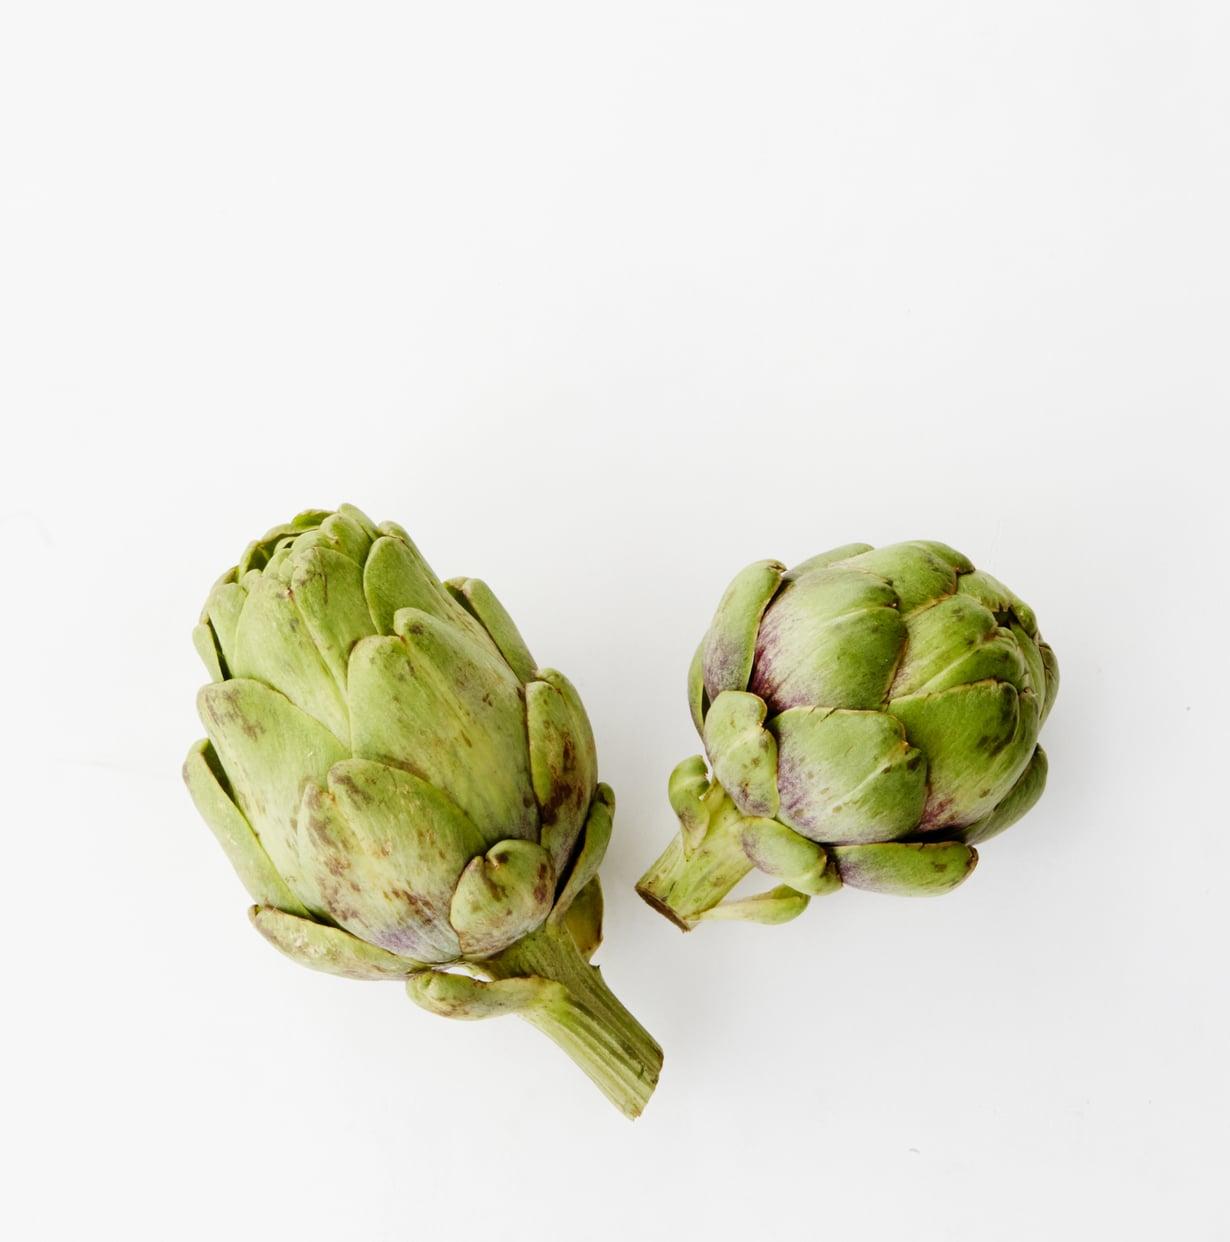 Artisokan sydämiä saa säilykepurkissa, ja niistä syntyy nopea tahna kasviksille.